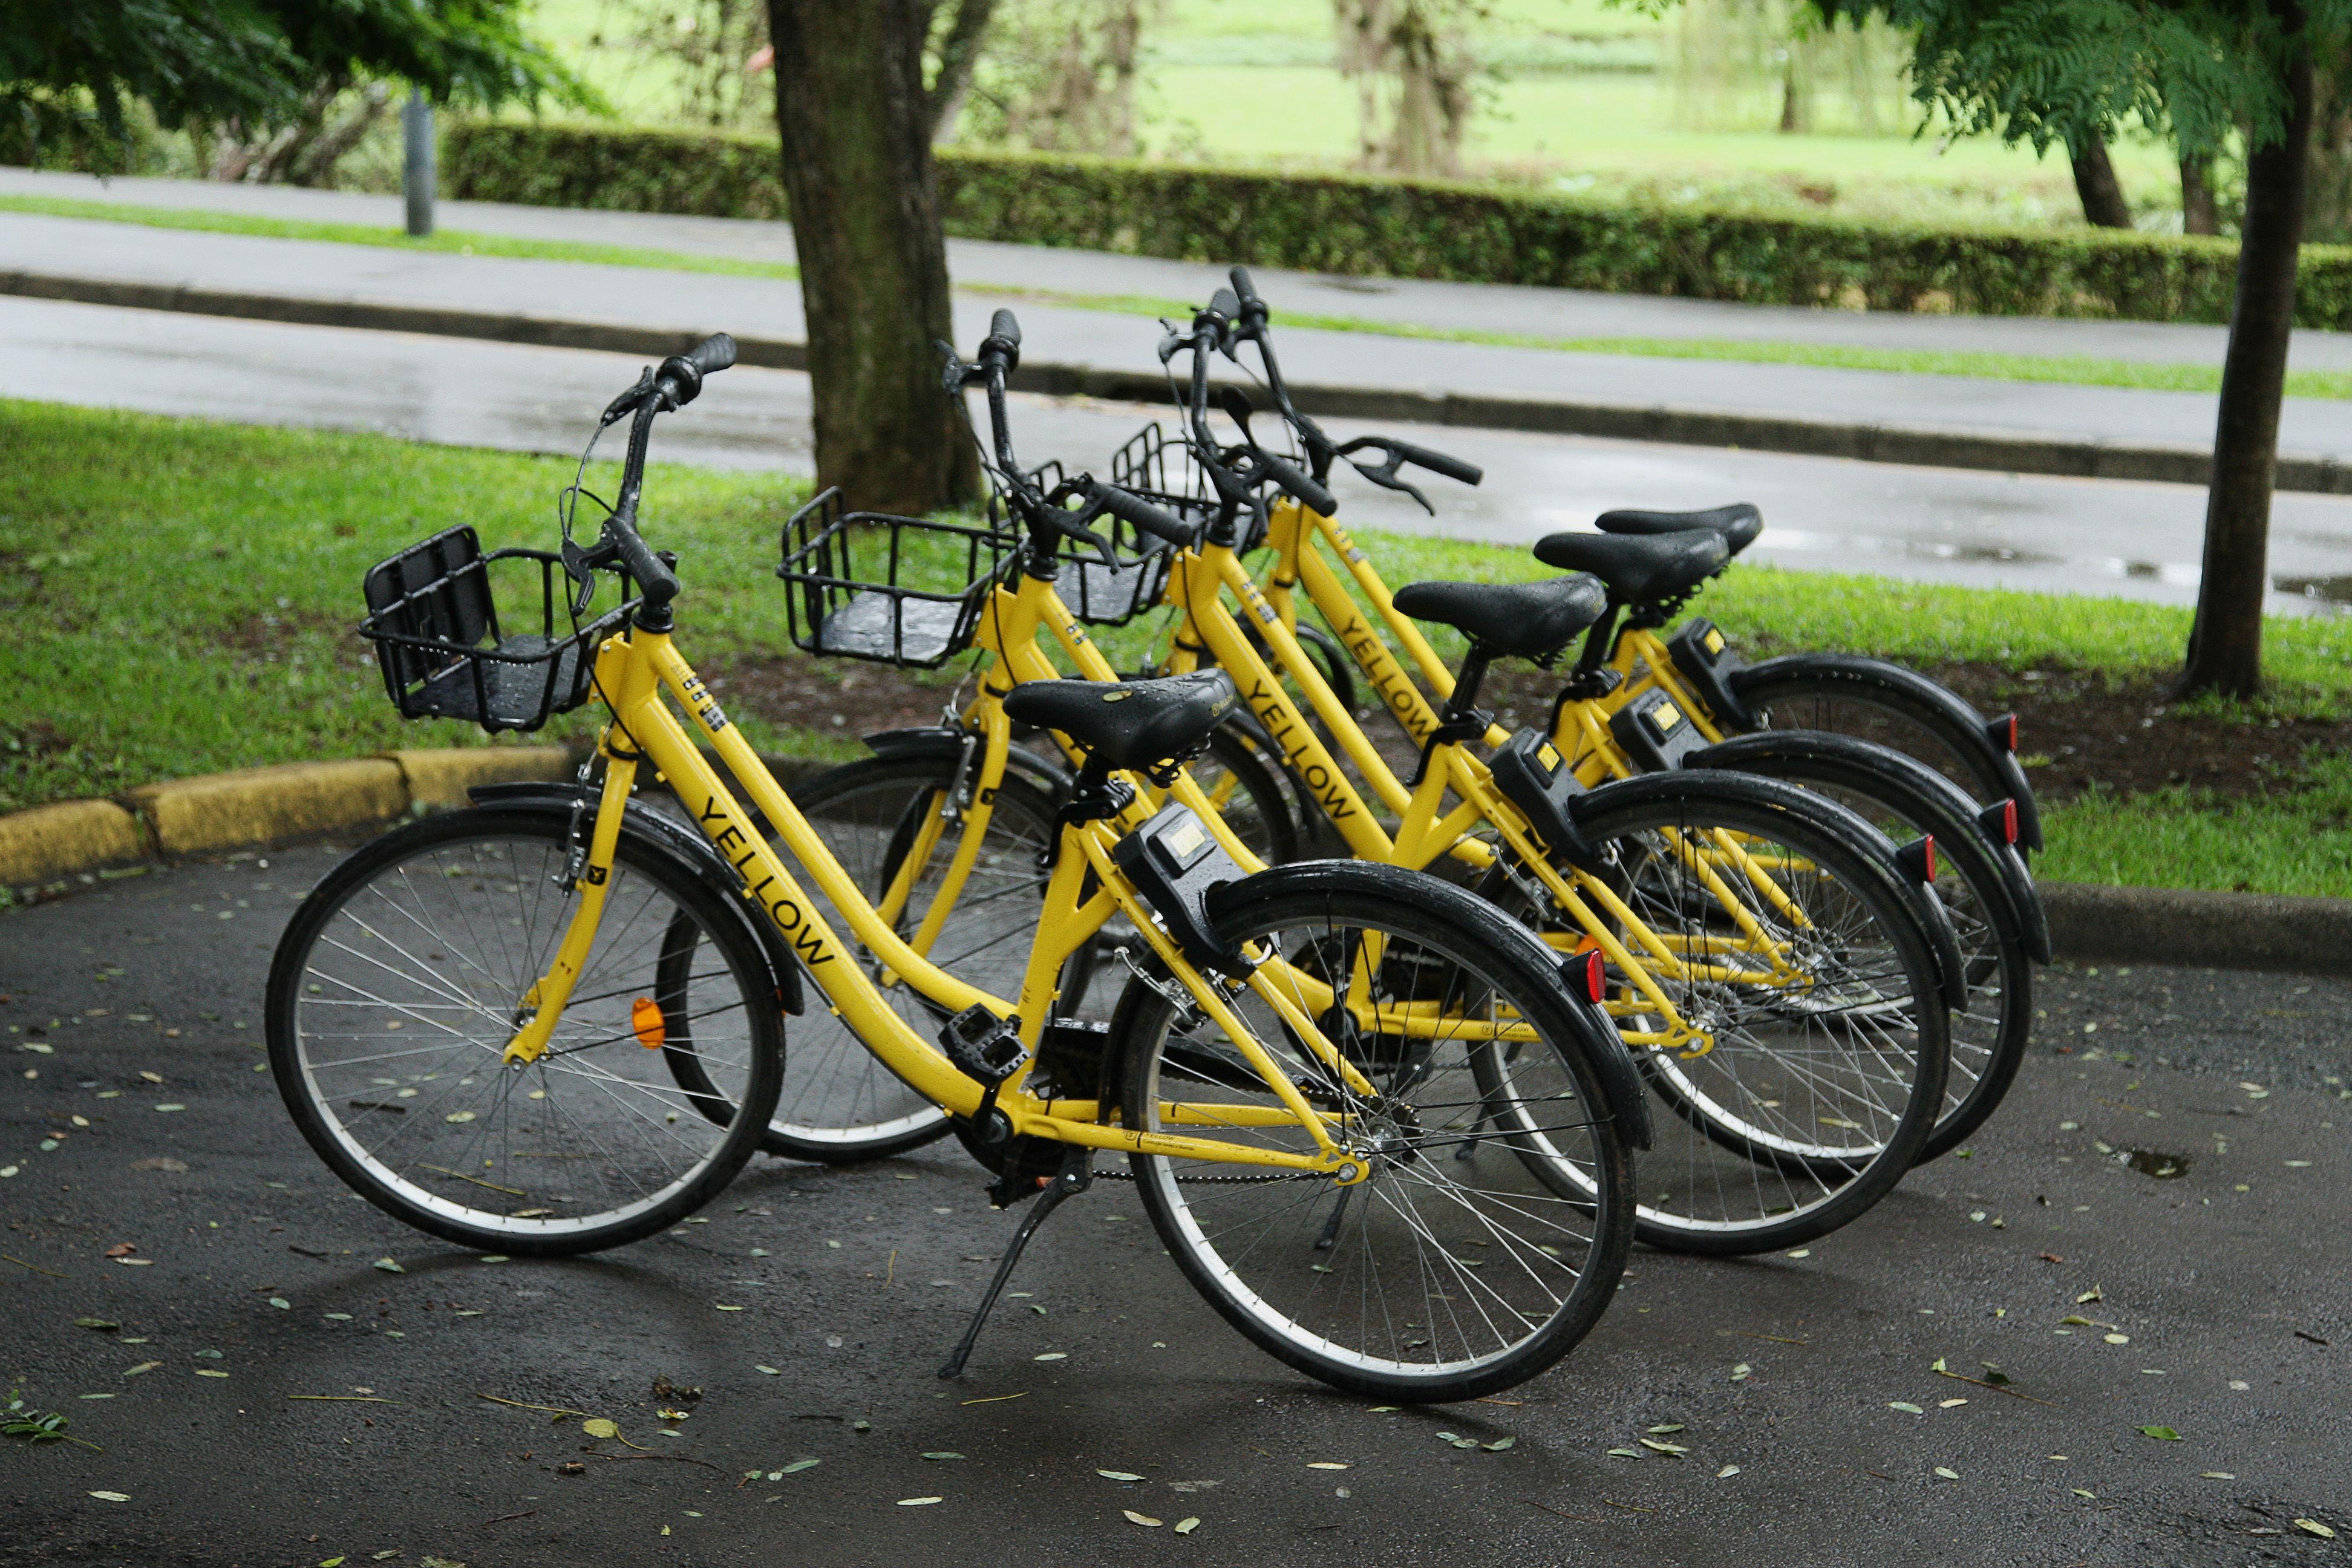 bicletas compartilhadas em parque de Curitiba